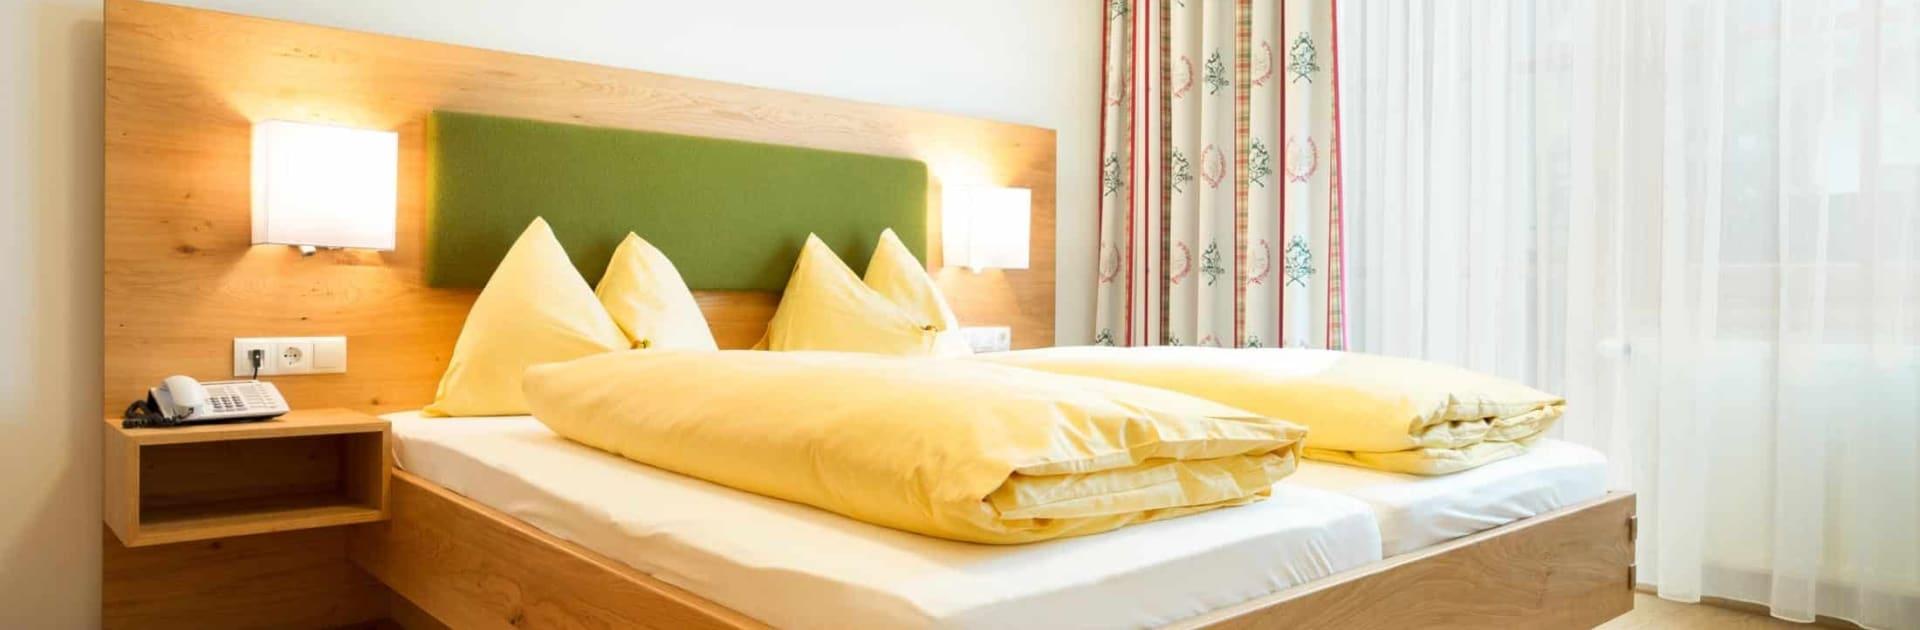 Hotel Matschner - Suite Steirerland Schlafzimmer